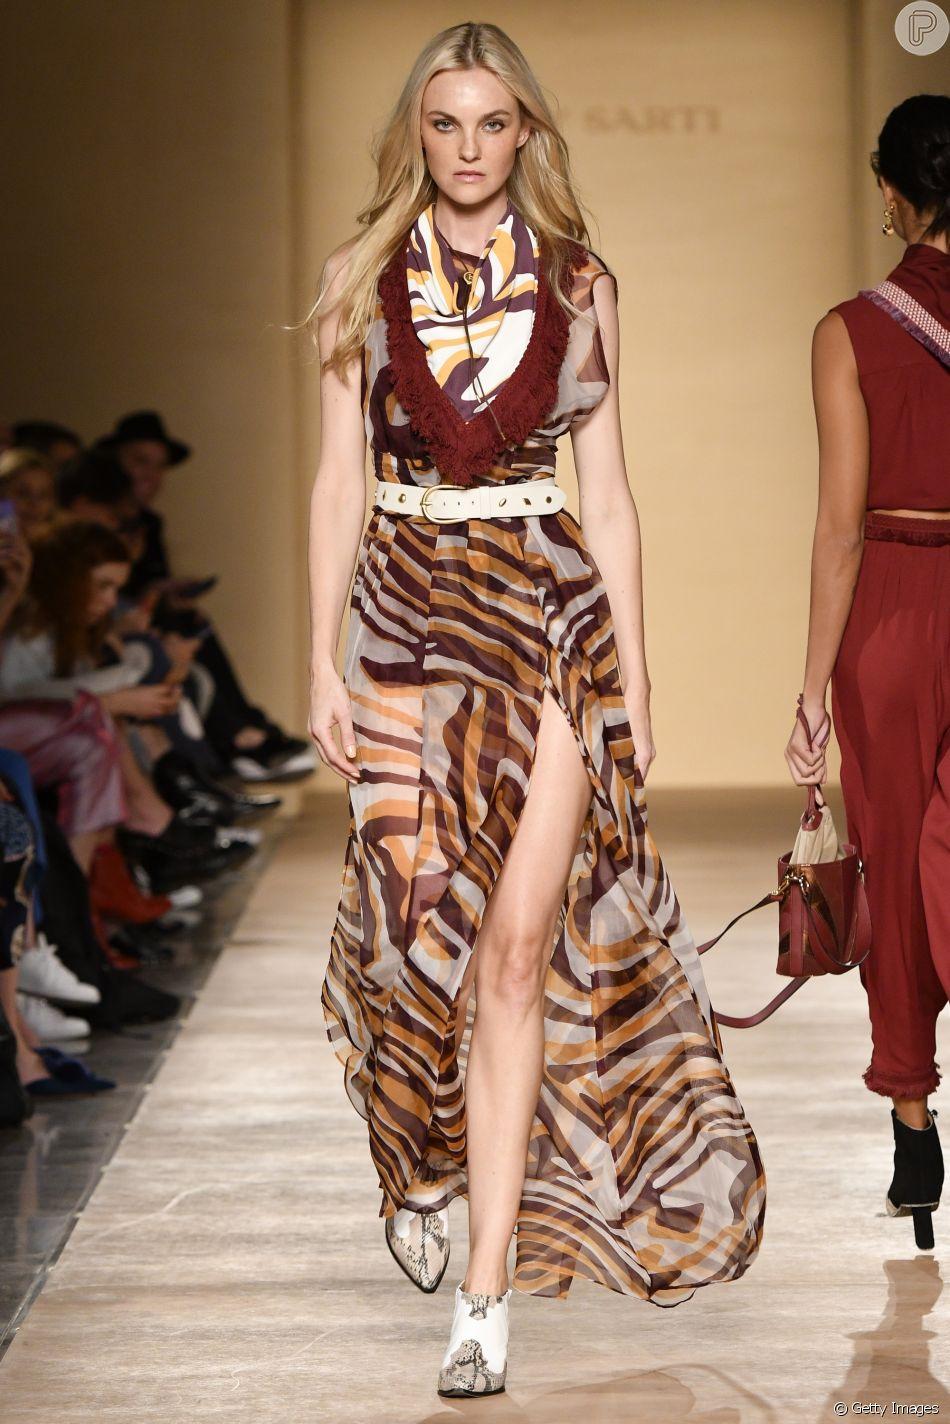 Vestidos longos que você vai querer usar no verão. Carol Trentini desfila para Lilly Sarti no São Paulo Fashion Week